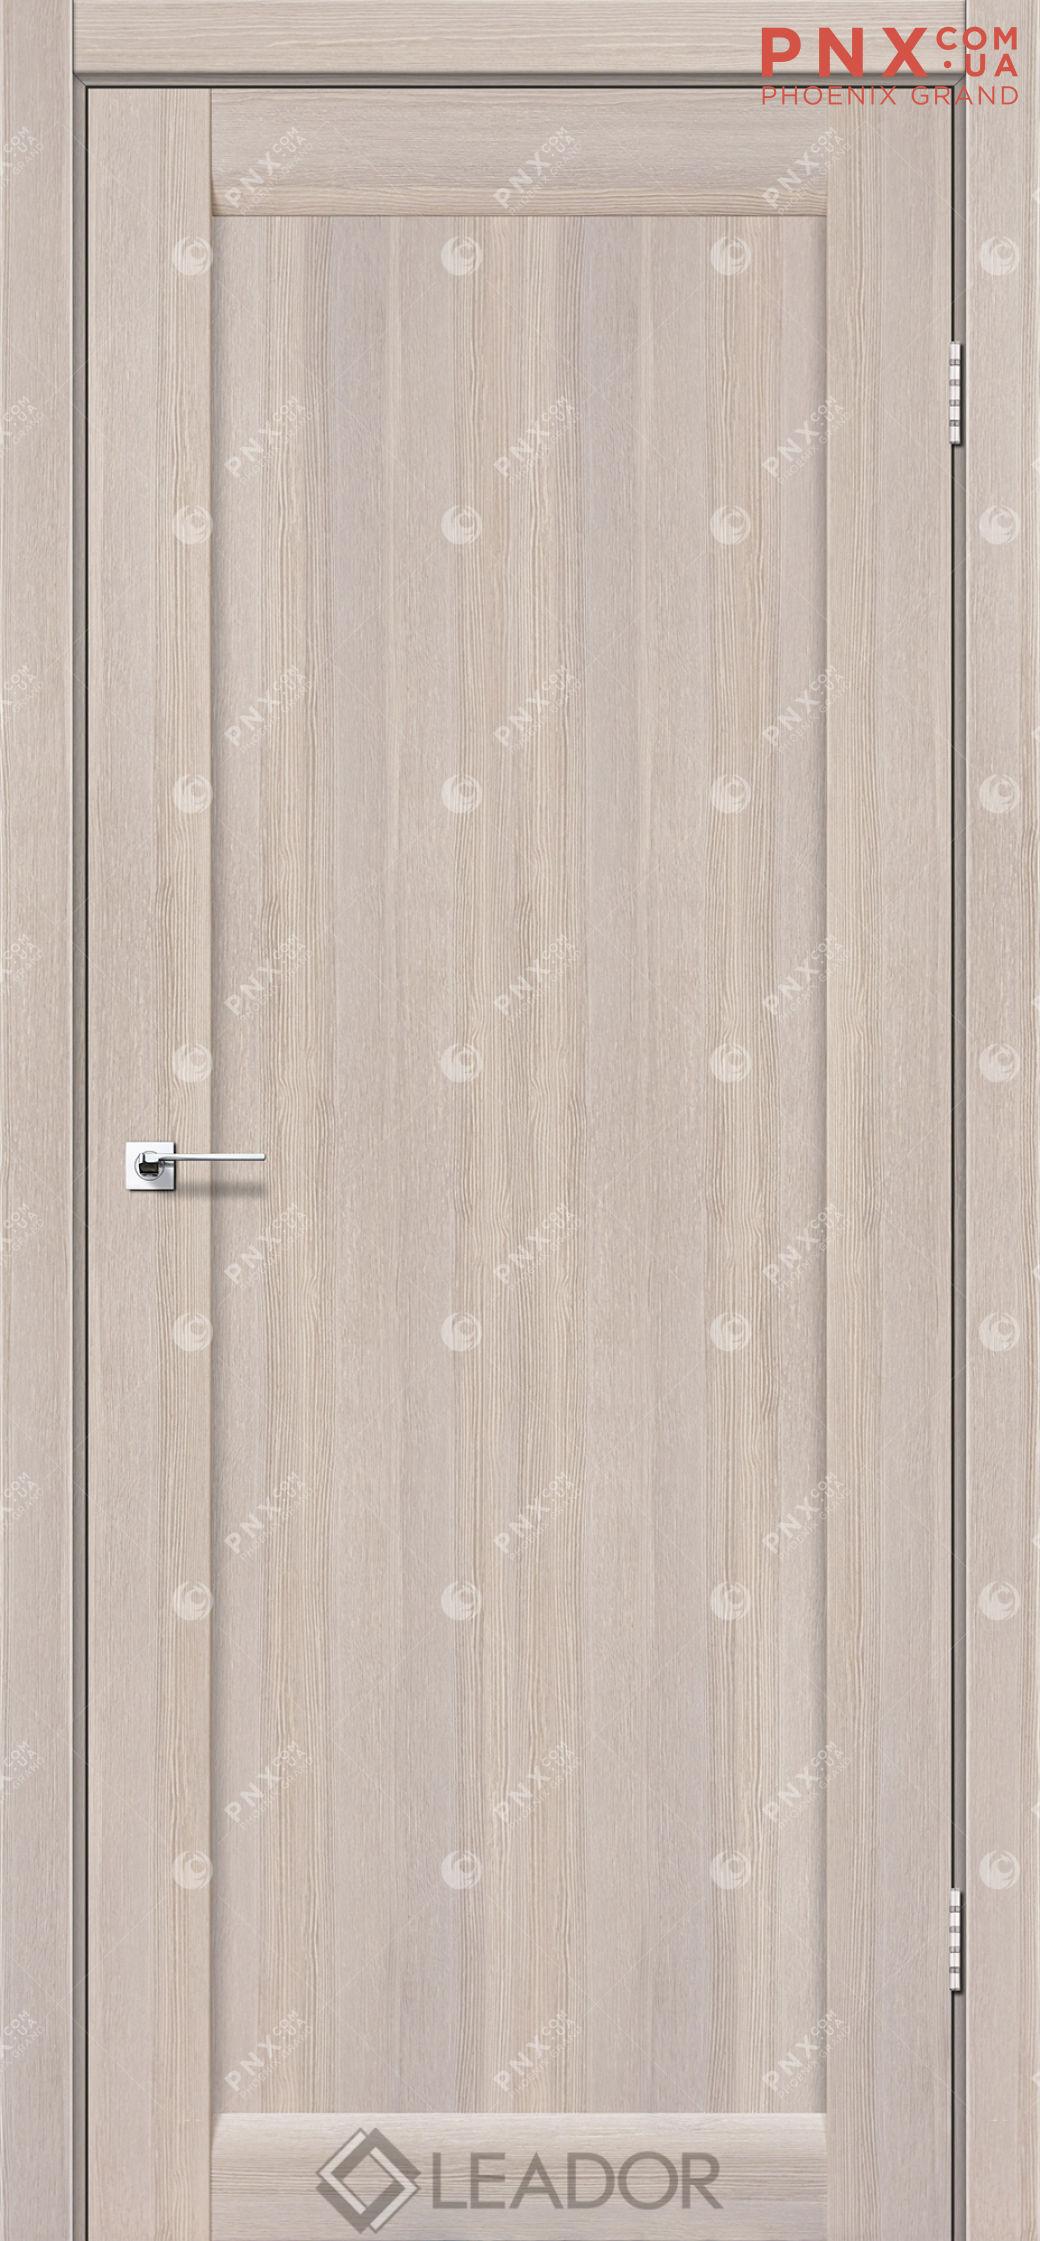 Межкомнатная дверь LEADOR Bavaria, Монблан, Глухое